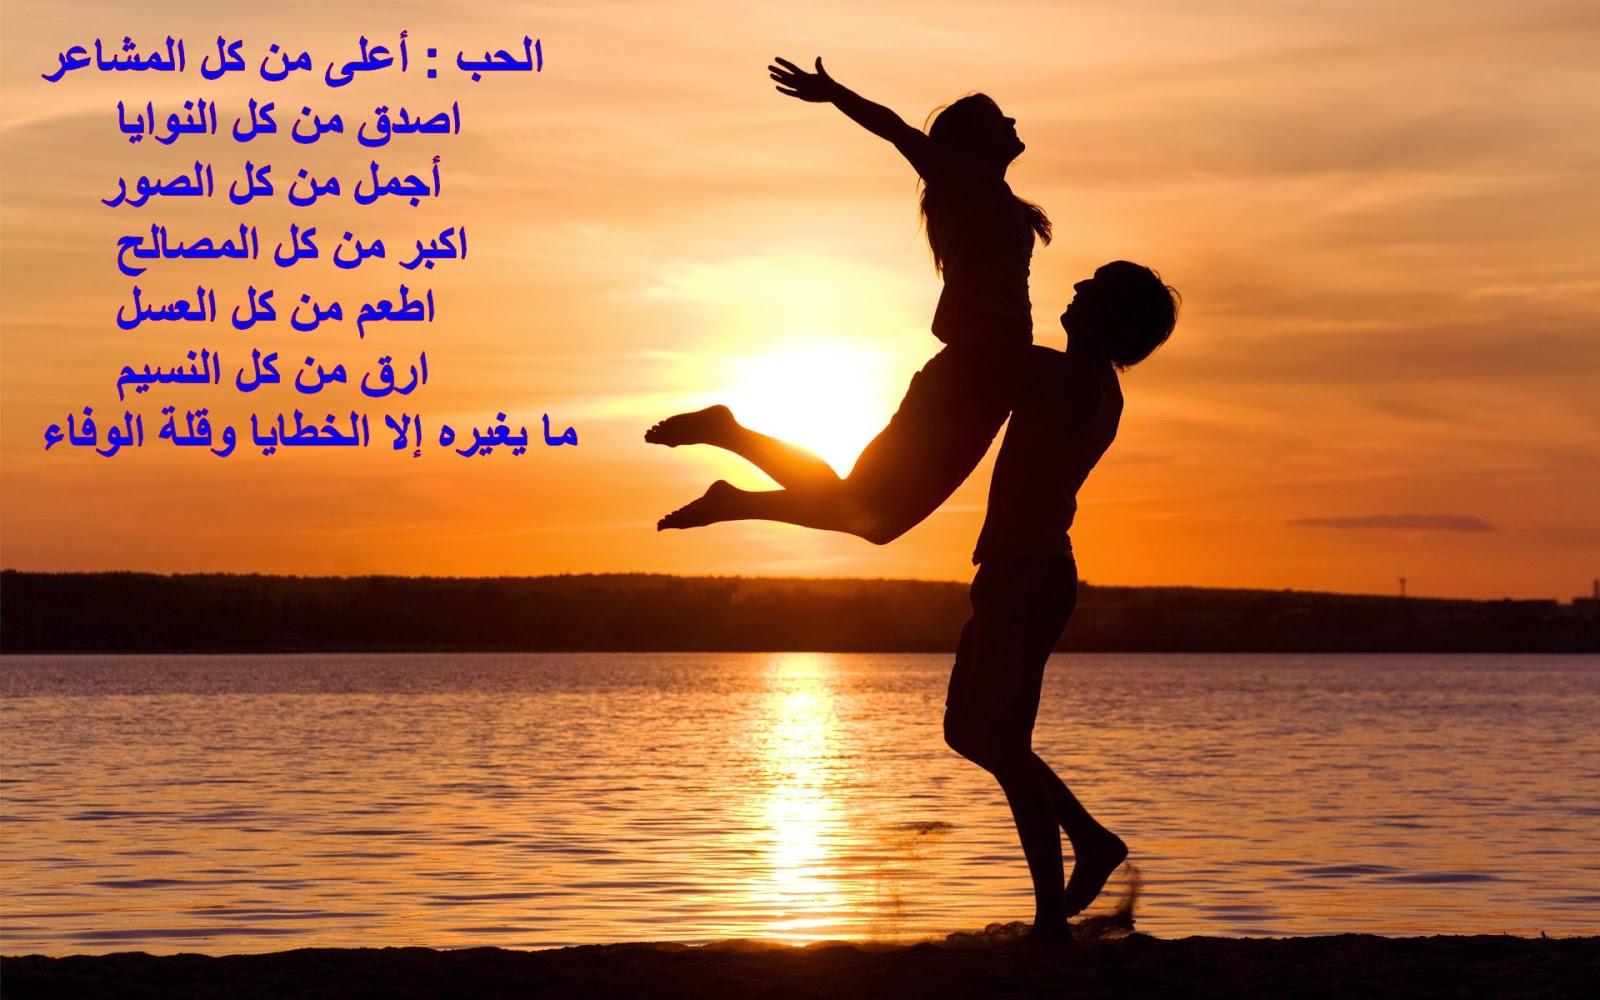 صورة كلمات حب رومانسية , شاهد اروع كلمات الحب والرومانسية 3424 7